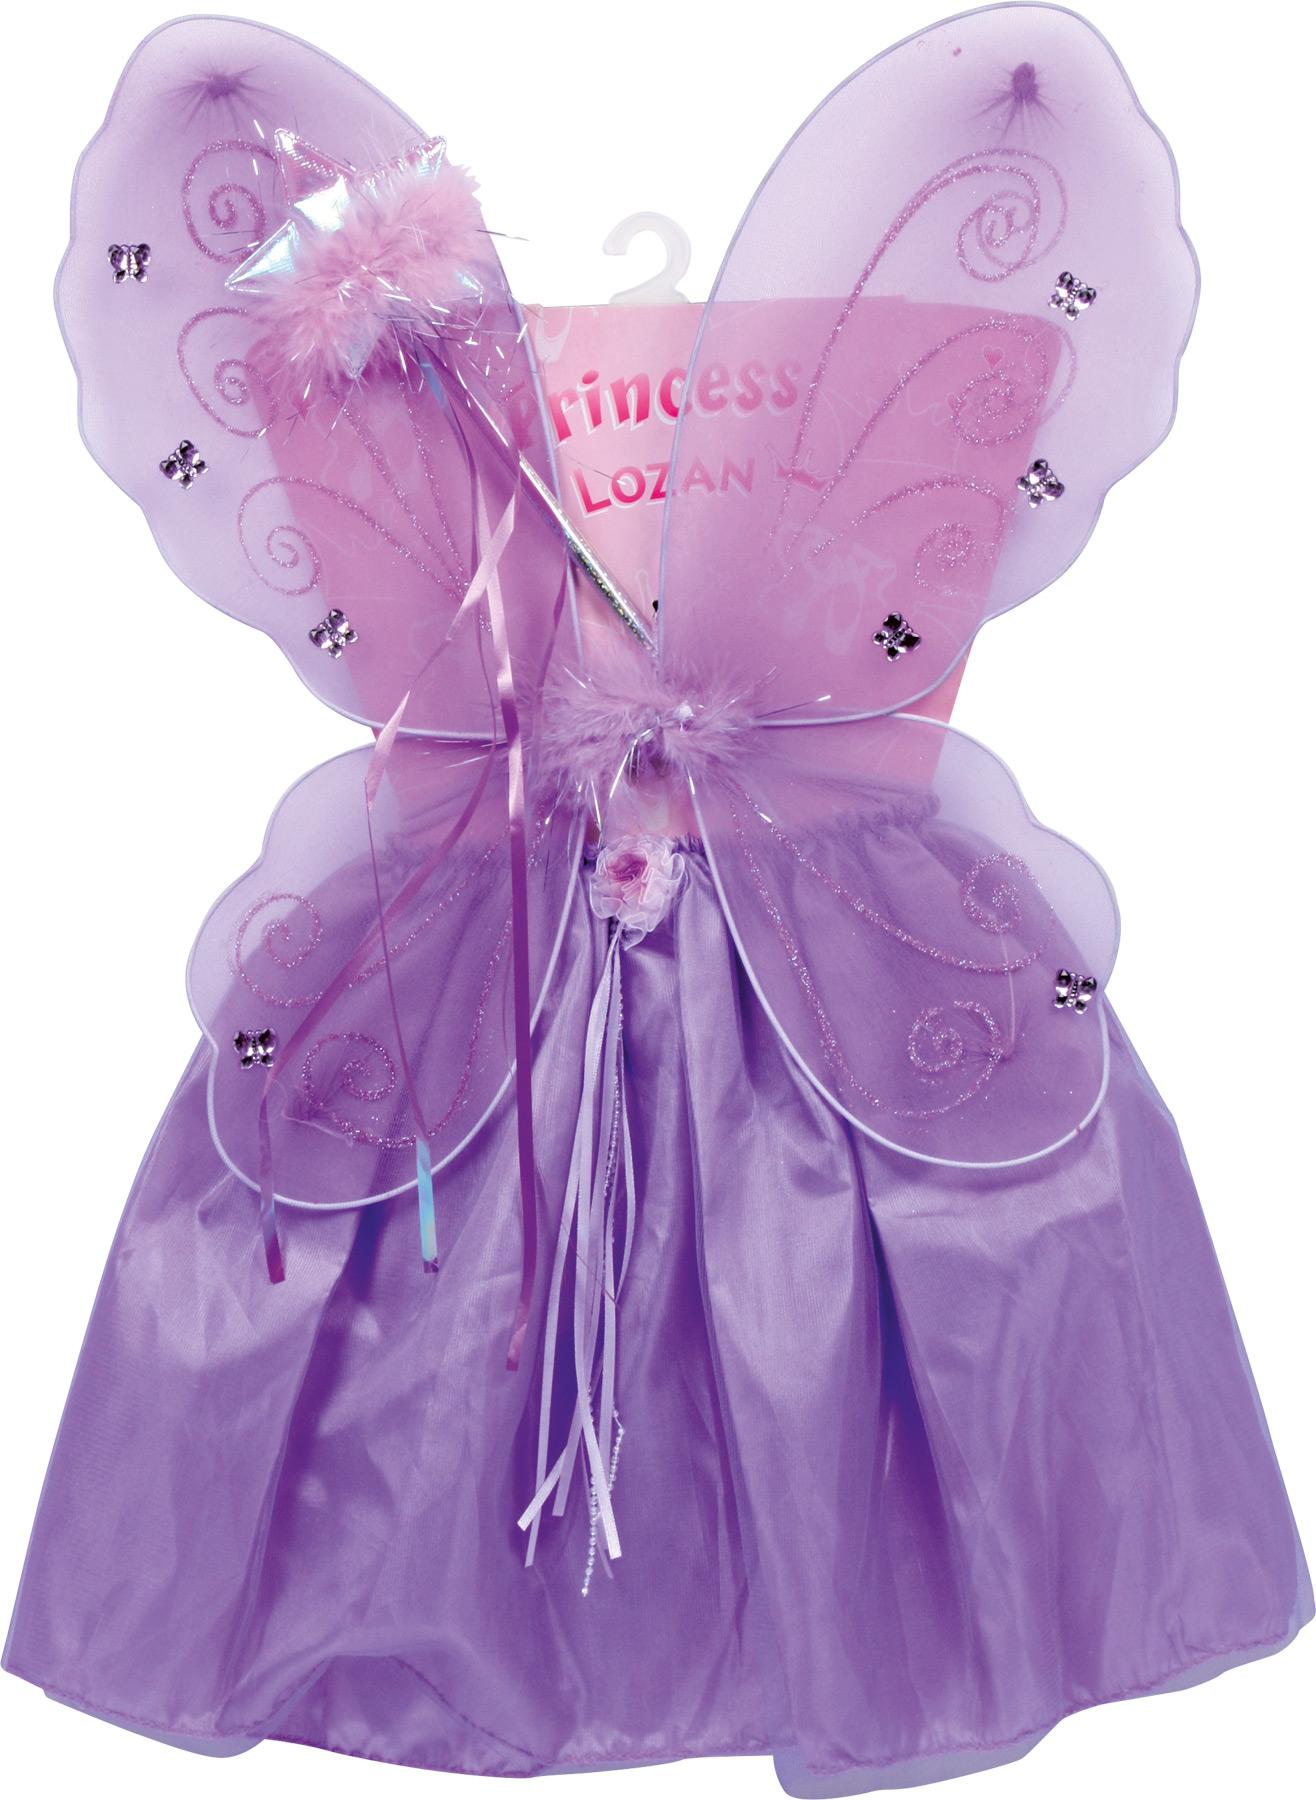 Karnavalinis kostiumas SMALL FOOT Lili vaikams nuo 3 metų (5764)